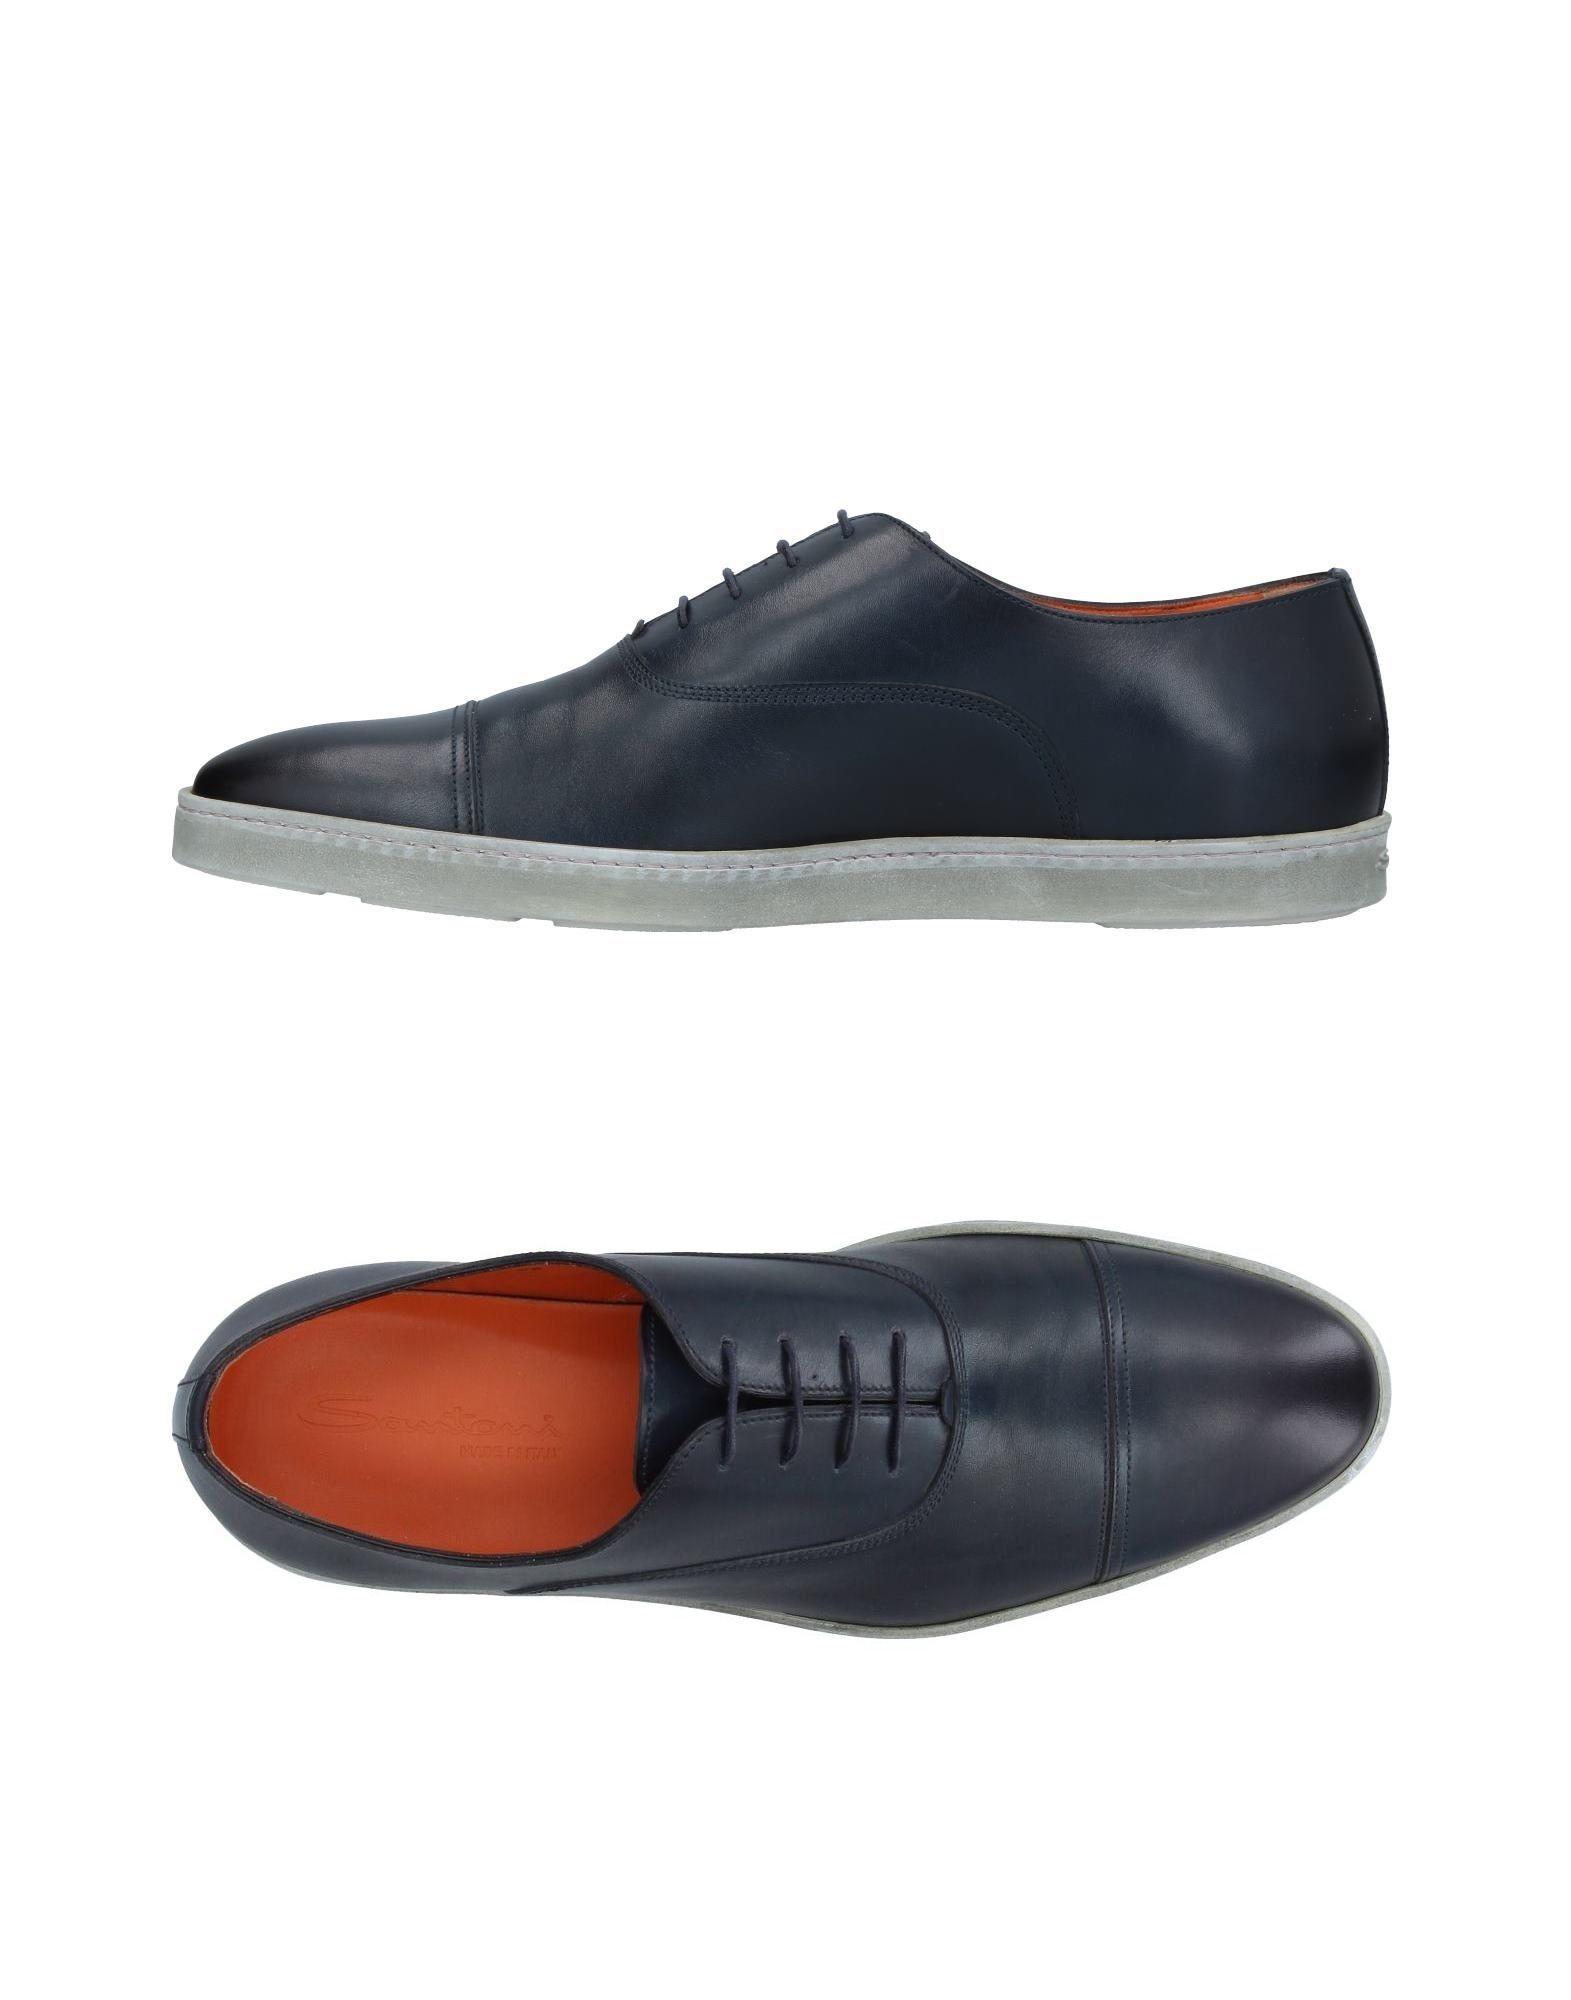 Santoni Schnürschuhe Herren  11409545WS Gute Qualität beliebte Schuhe